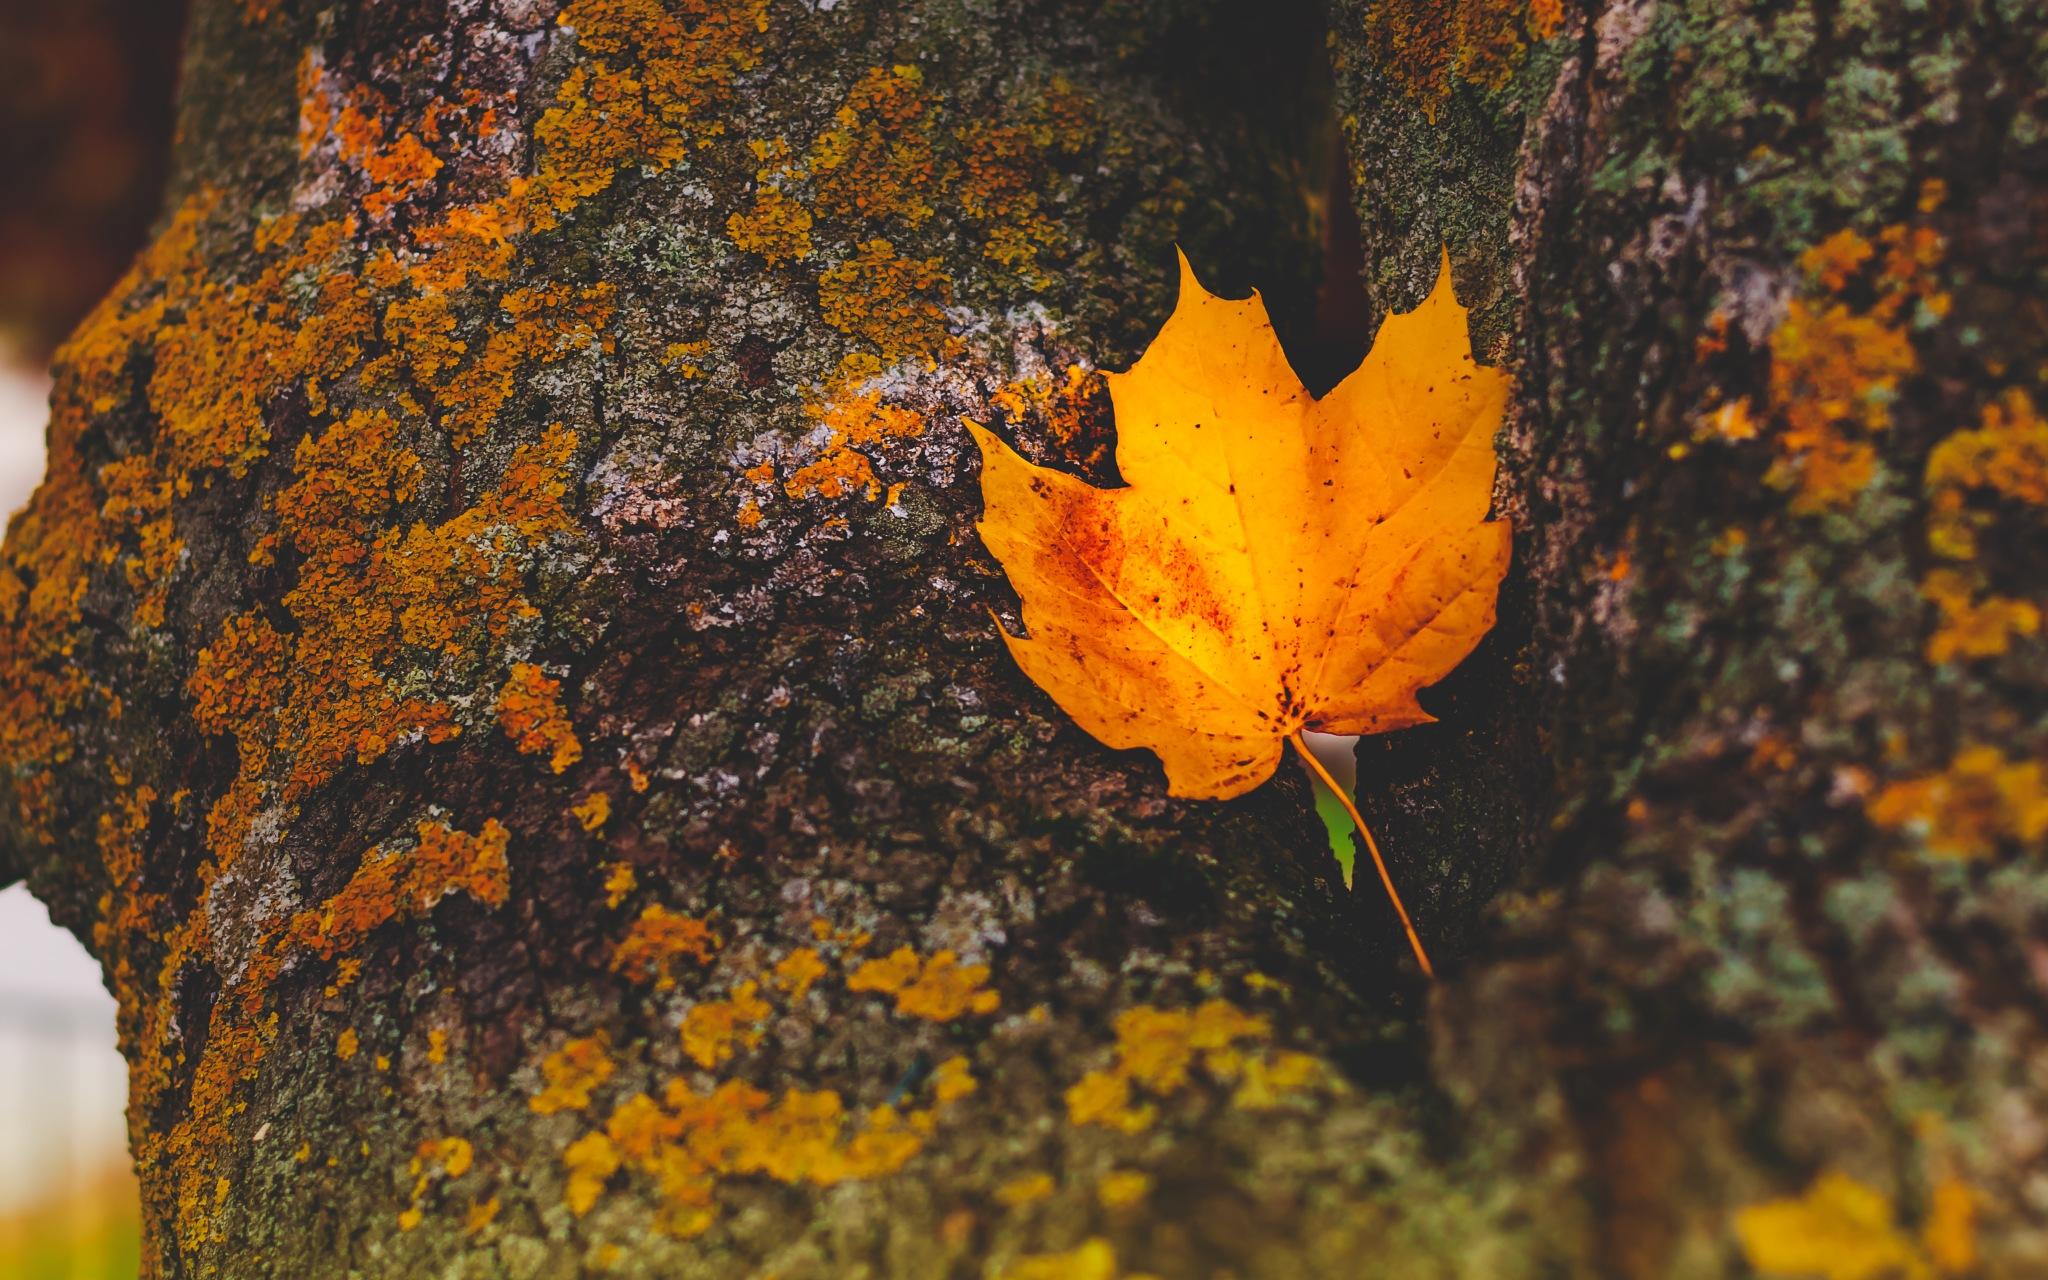 Golden Polish autumn #2 by Rafał Wyzina